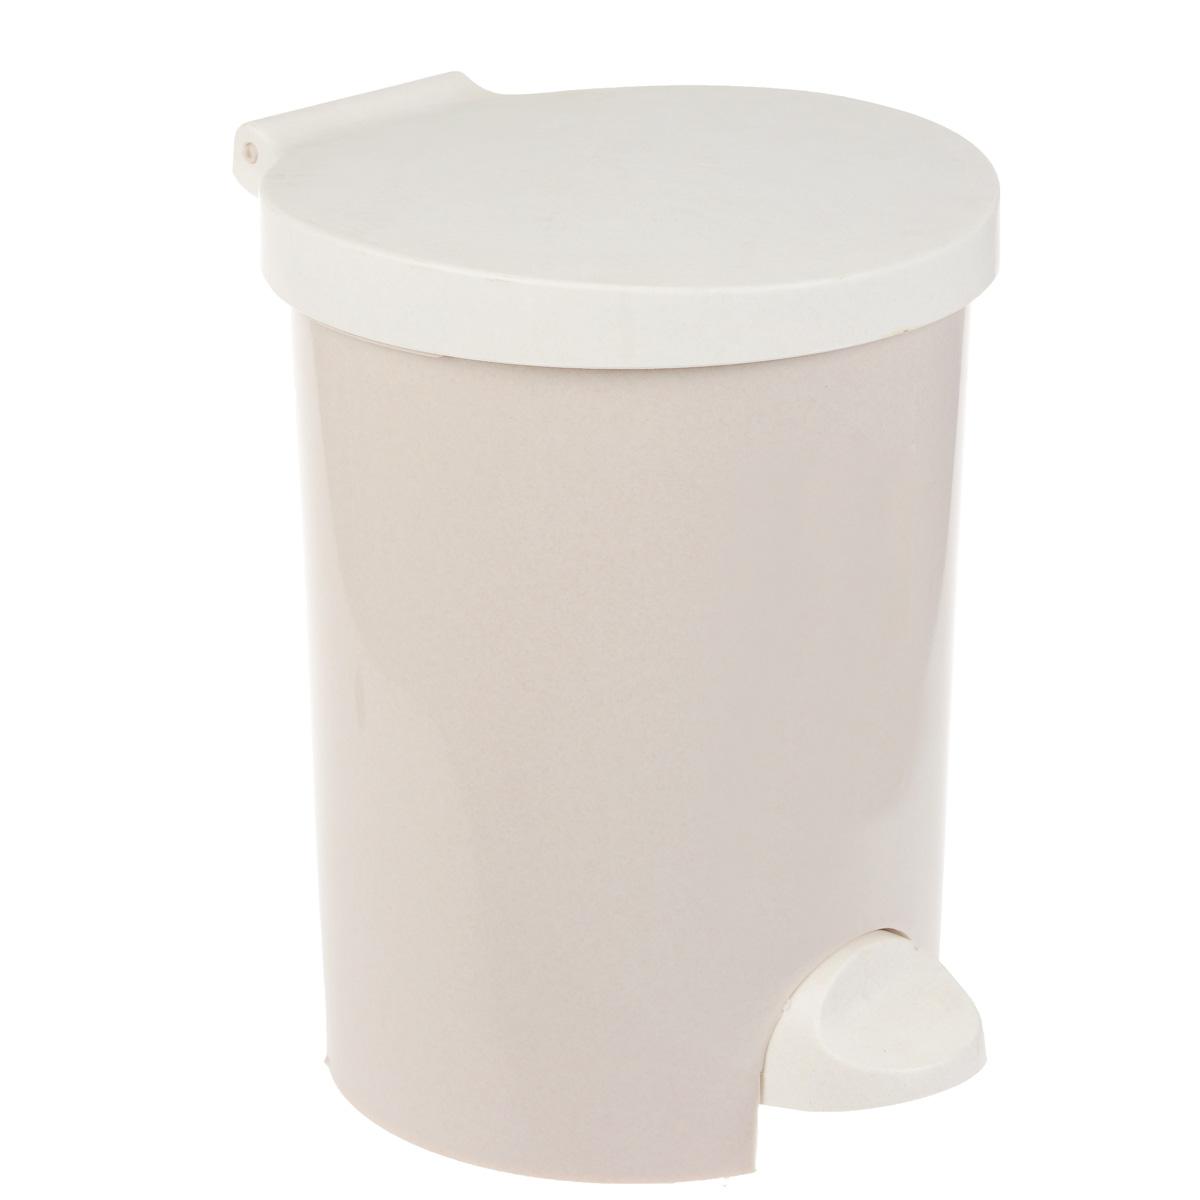 Контейнер для мусора Curver, с педалью, цвет: бежевый, 15 лBH-UN0502( R)Контейнер для мусора Curver изготовлен из высококачественного пластика. Контейнер оснащен педалью, с помощью которой можно открыть крышку. Закрывается крышка бесшумно, плотно прилегает, предотвращая распространение запаха. Бороться с мелким мусором станет легко. Внутри ведро с ручкой, которое при необходимости можно достать из контейнера. Благодаря лаконичному дизайну такой контейнер идеально впишется в интерьер и дома, и офиса.